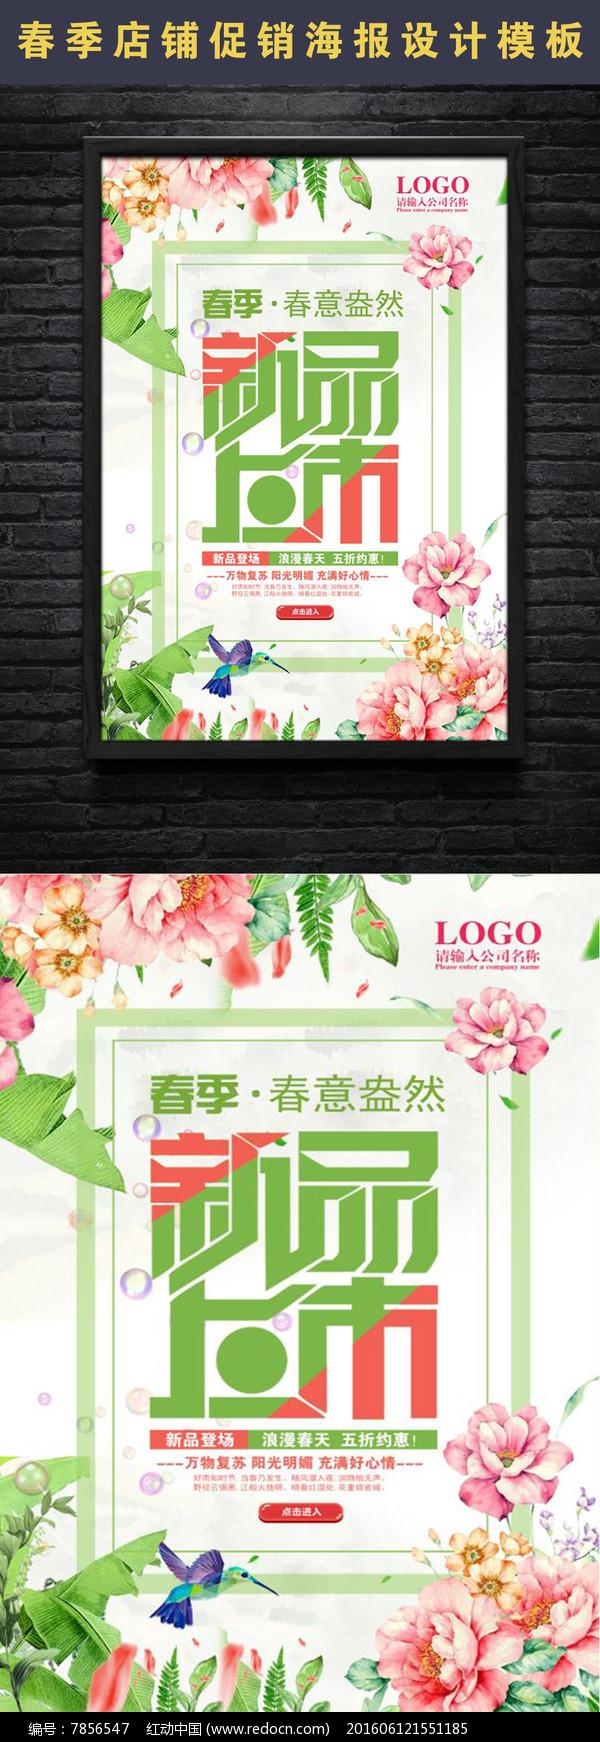 简约创意春季夏季新品上市促销海报设计图片